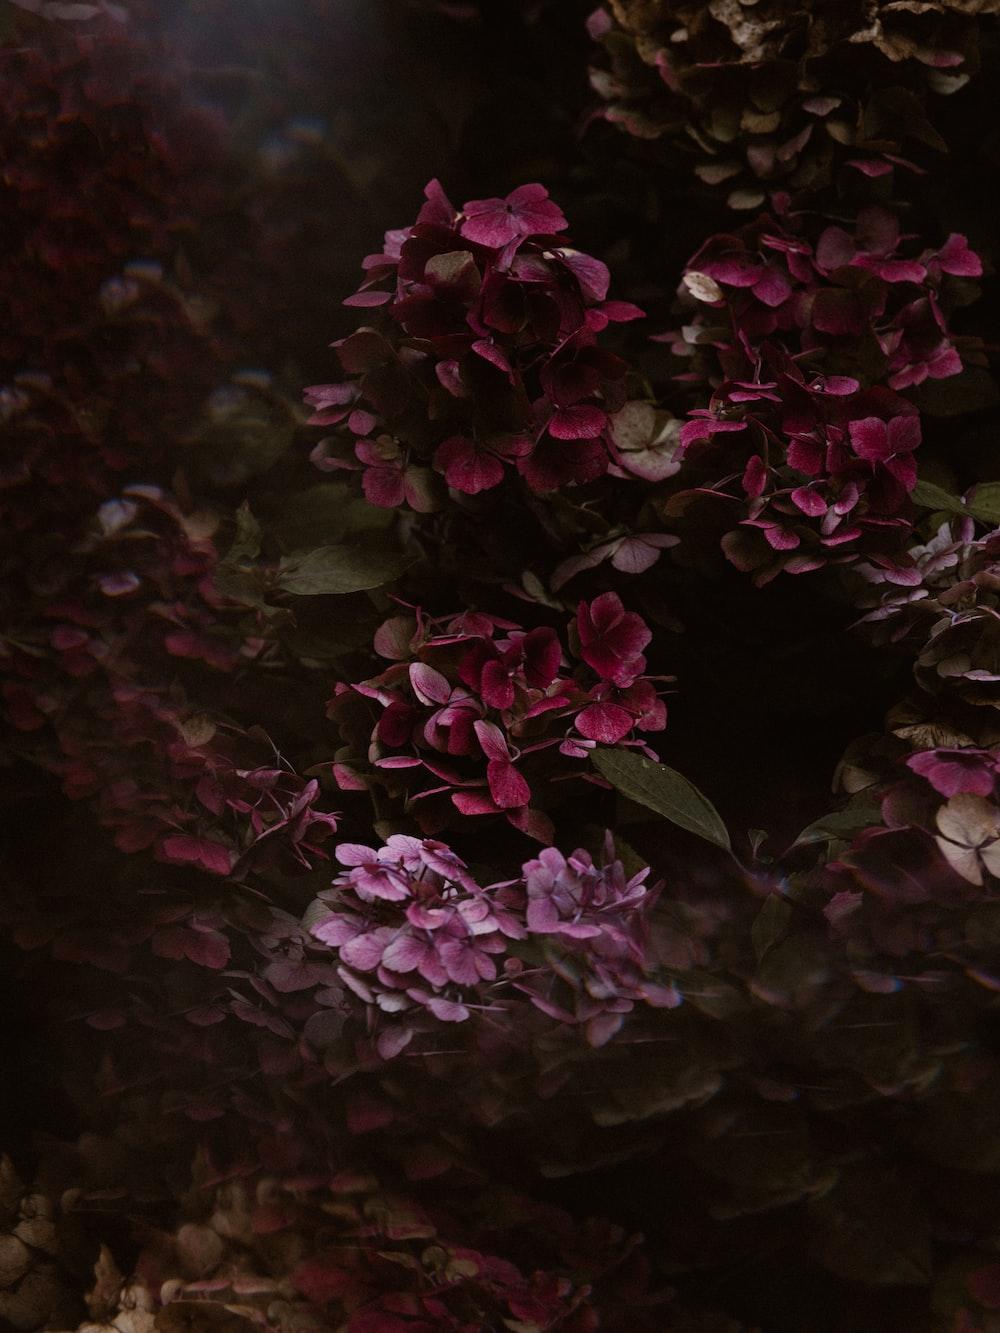 pink petaled flower plant